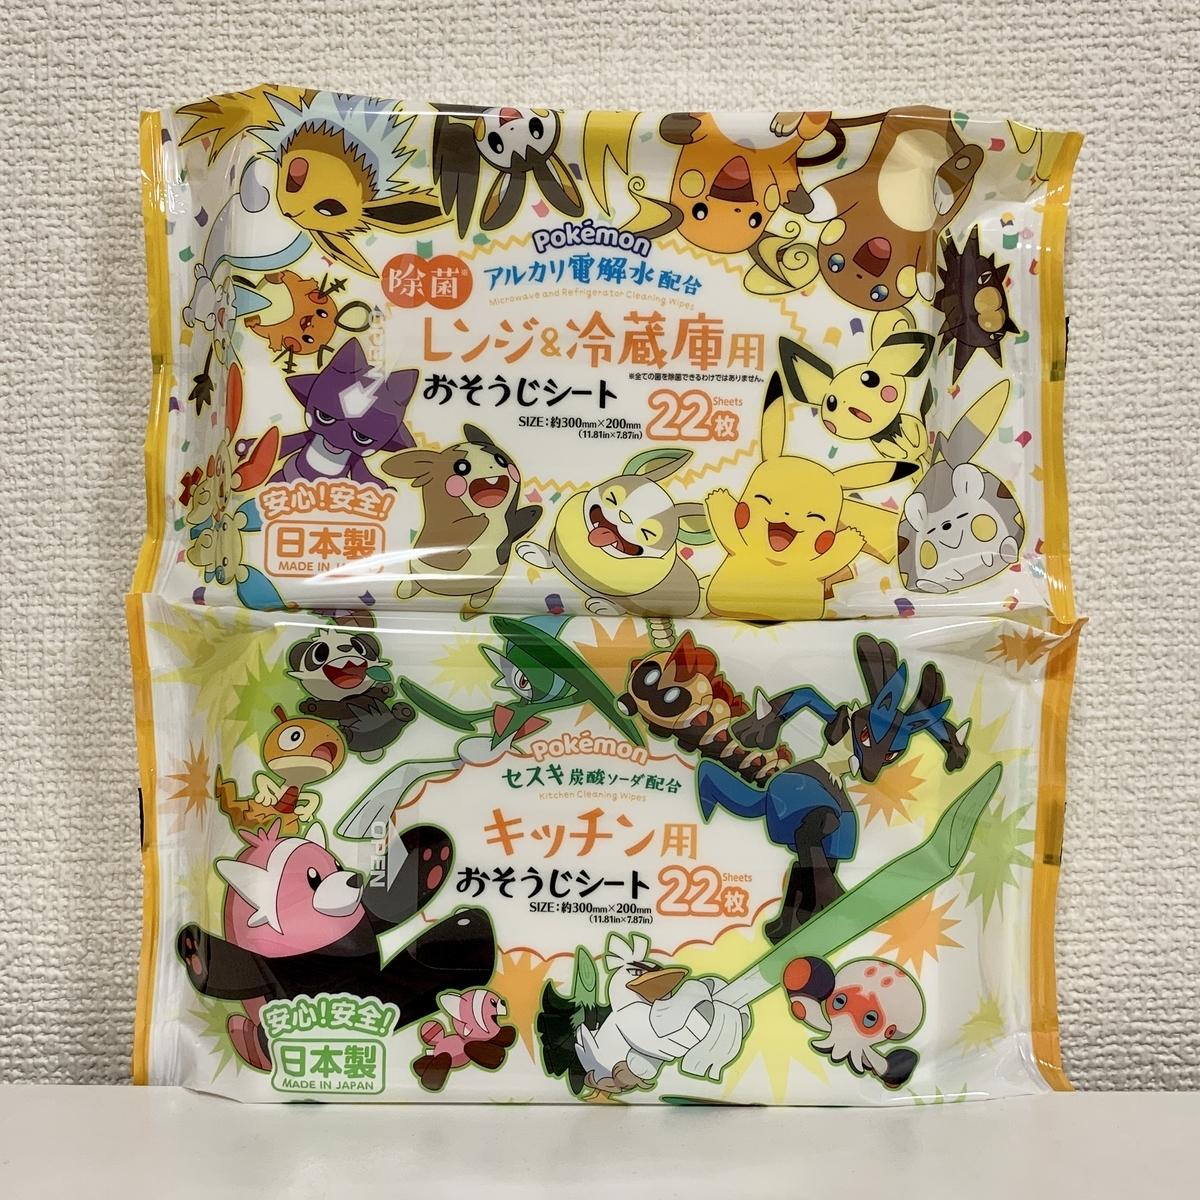 f:id:pikachu_pcn:20210607212243j:plain